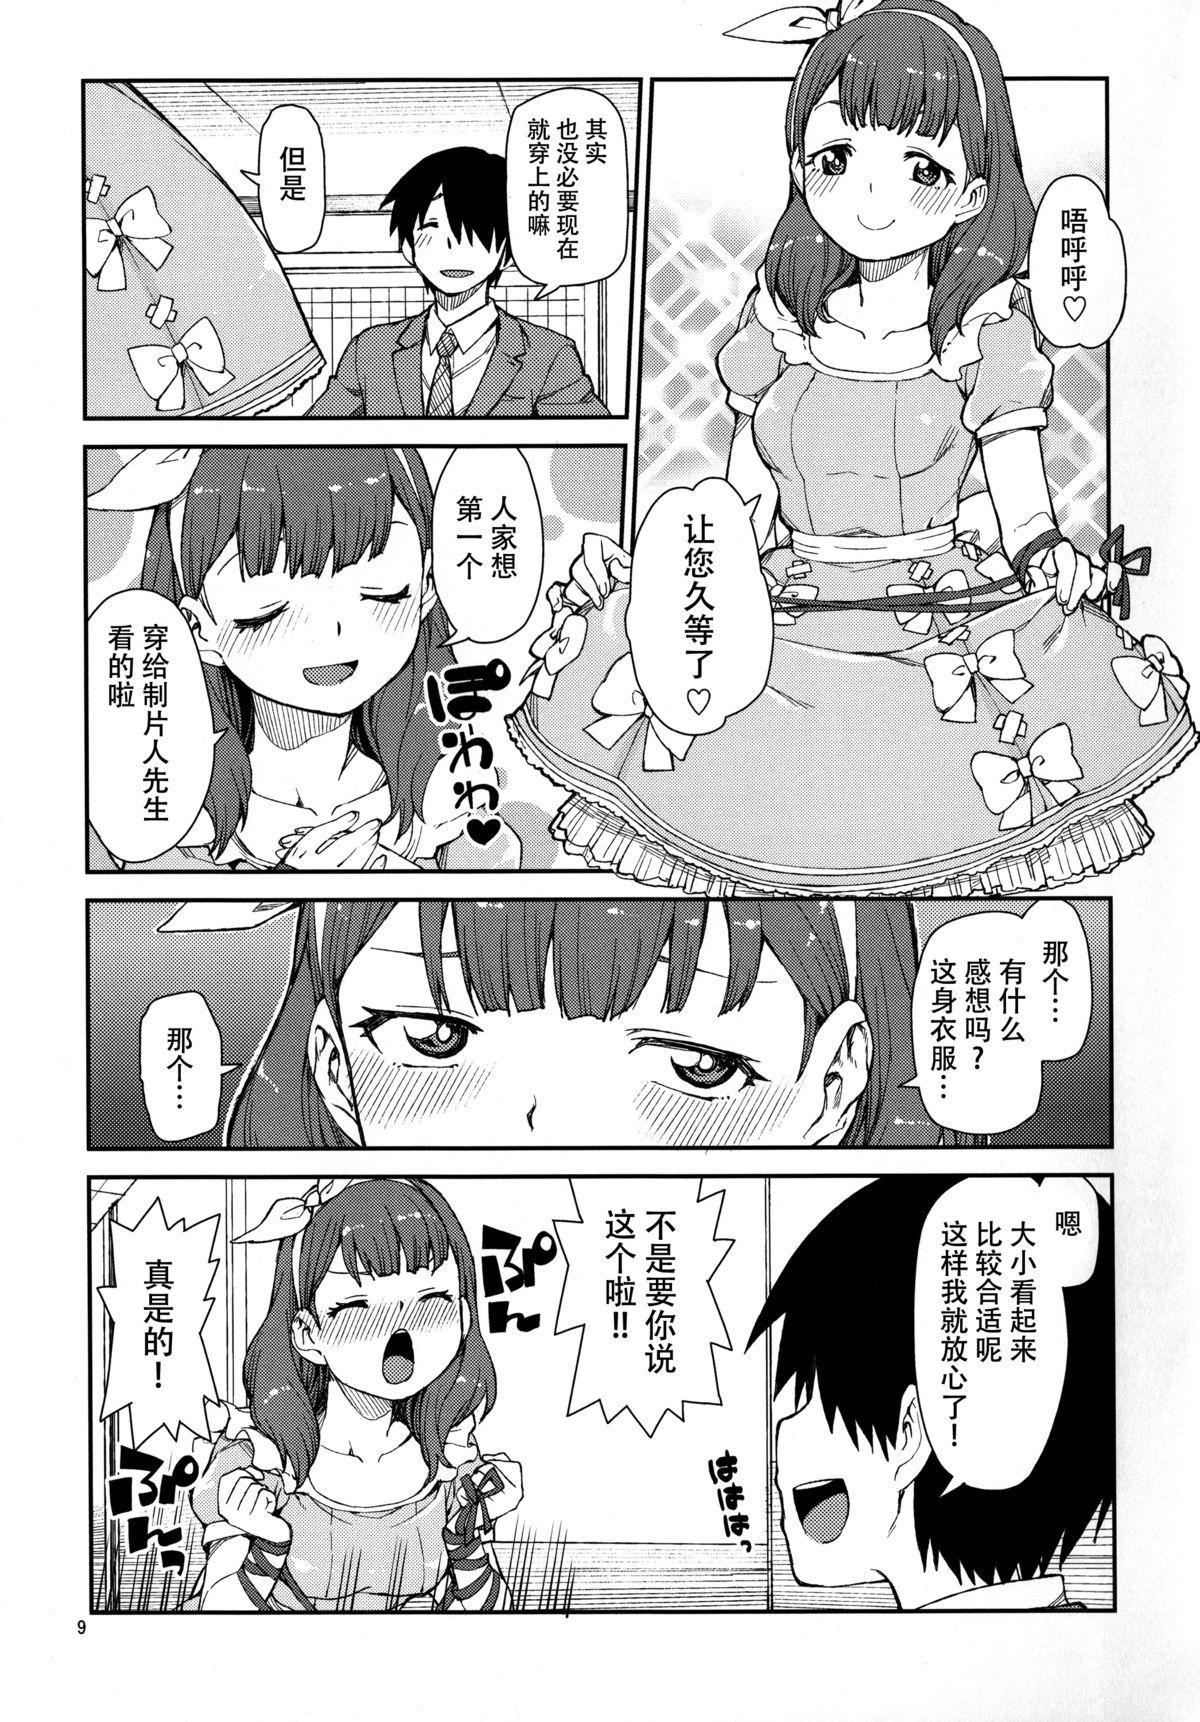 Korekara Nakyoku Shimashou ne 10